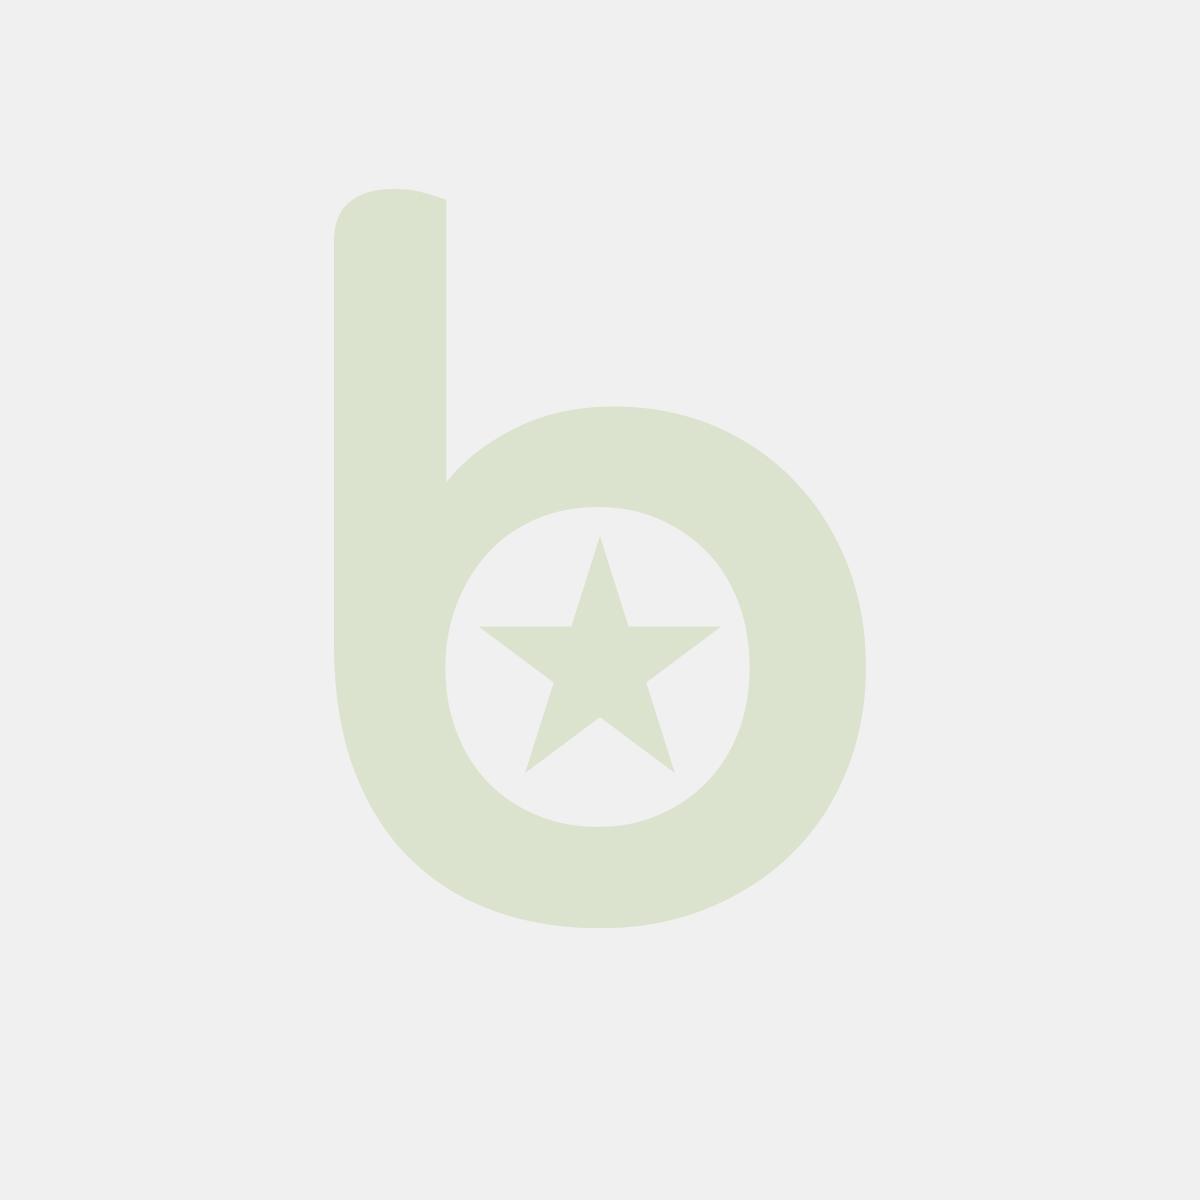 Talerze z trzciny cukrowej, kształt kwadratowy, 26 cm x 26 cm, kolor: biały, opakowanie 50szt